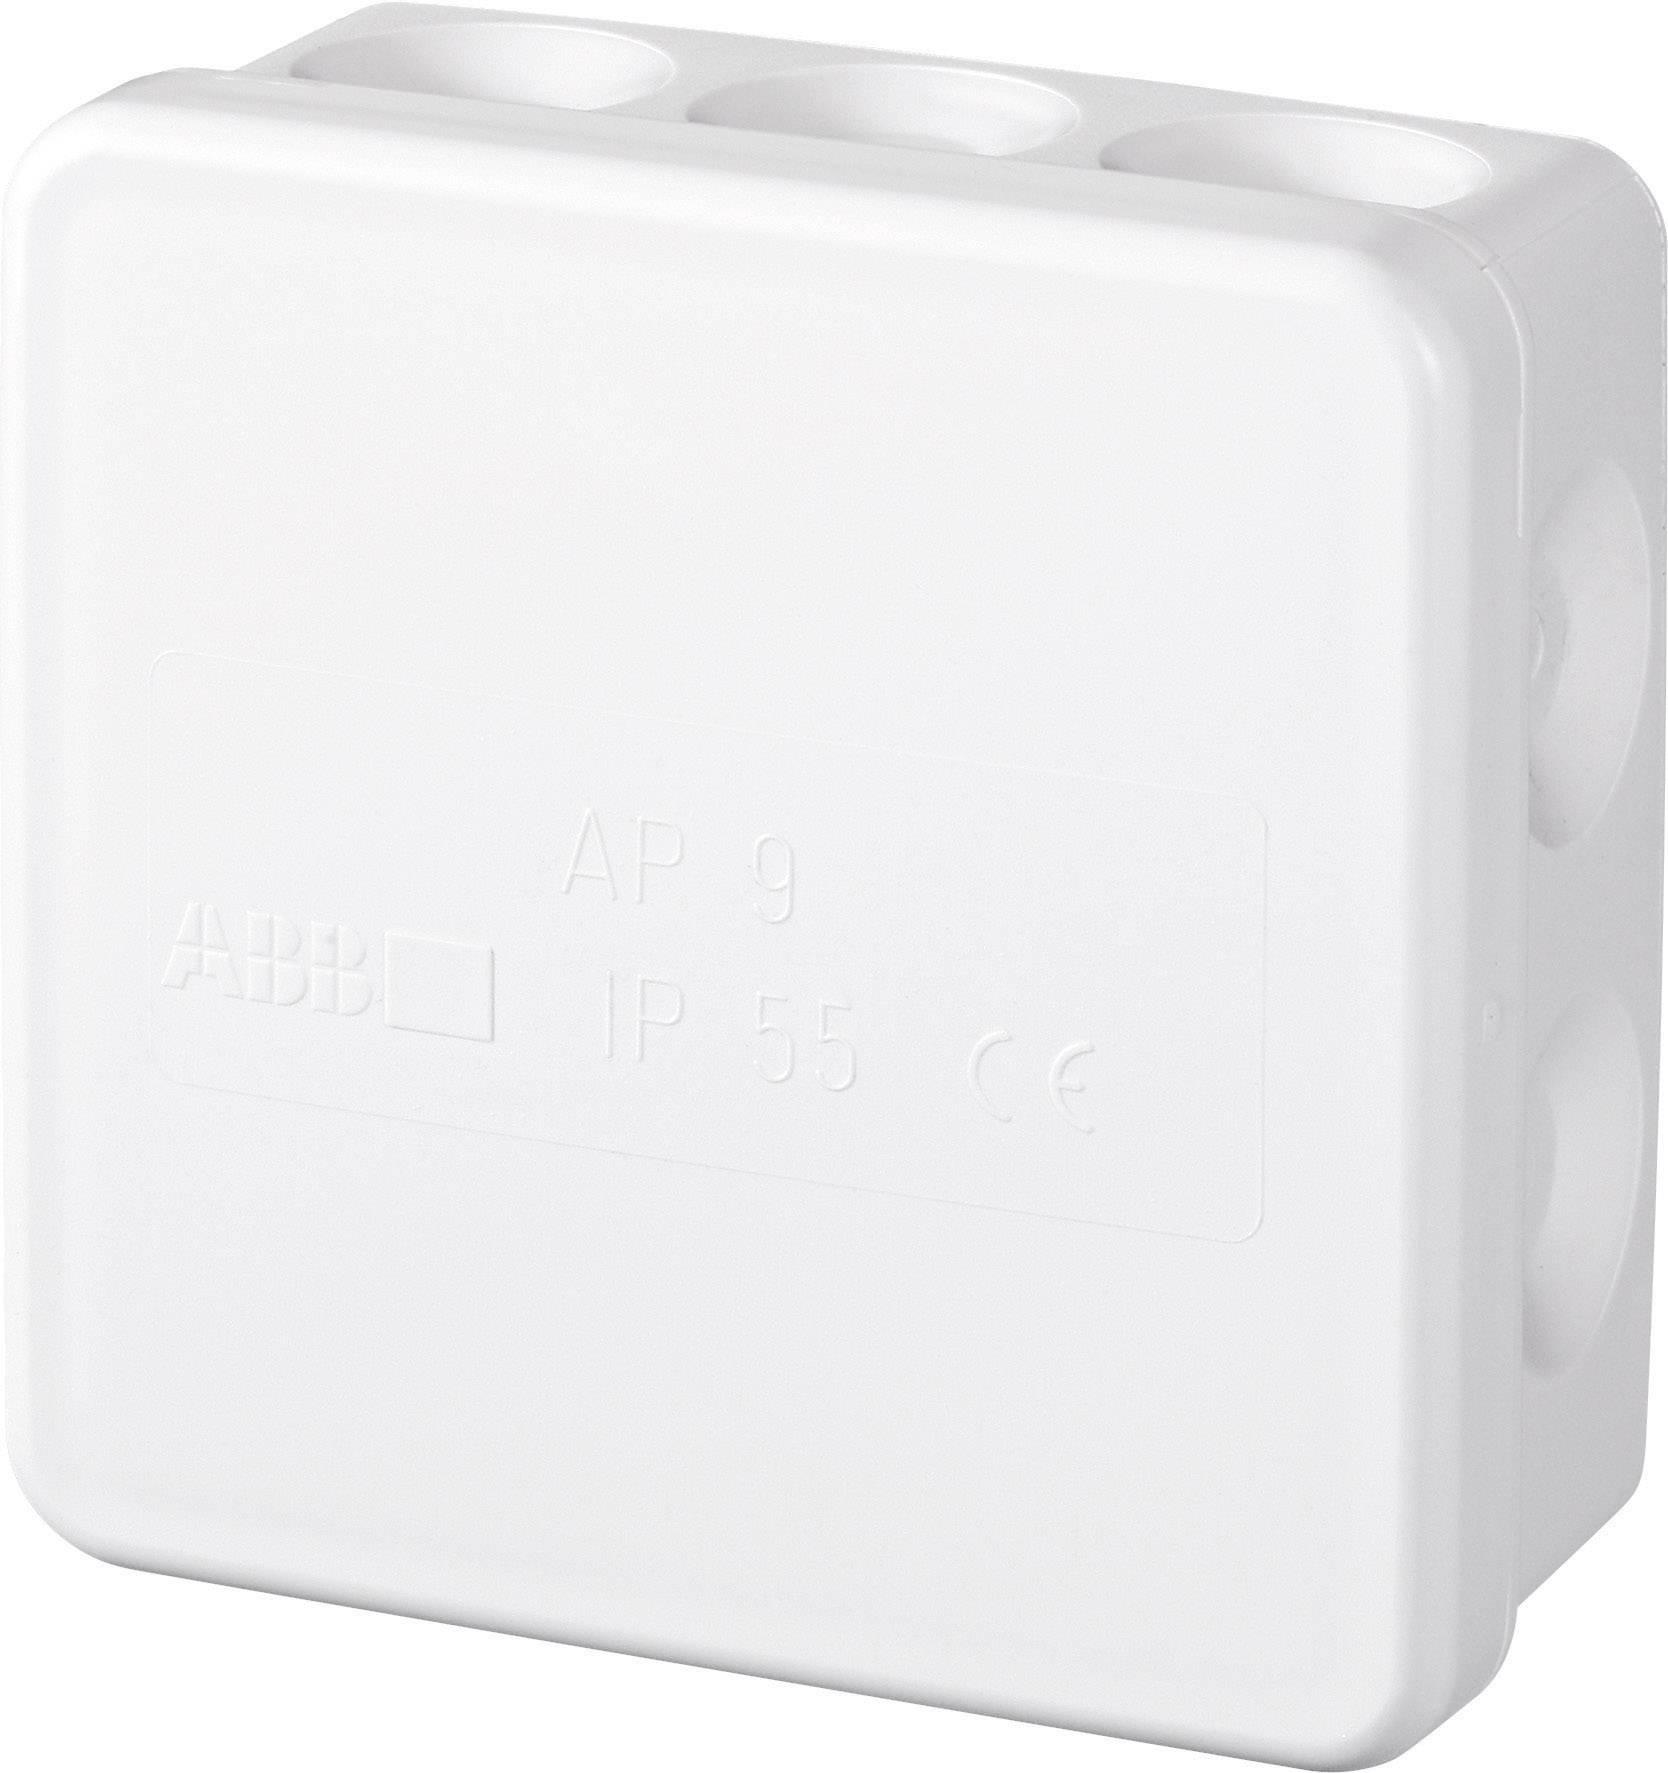 Rozbočovacia krabica IP55 ABB, 86 x 86 mm, biela, 2TKA140020G1